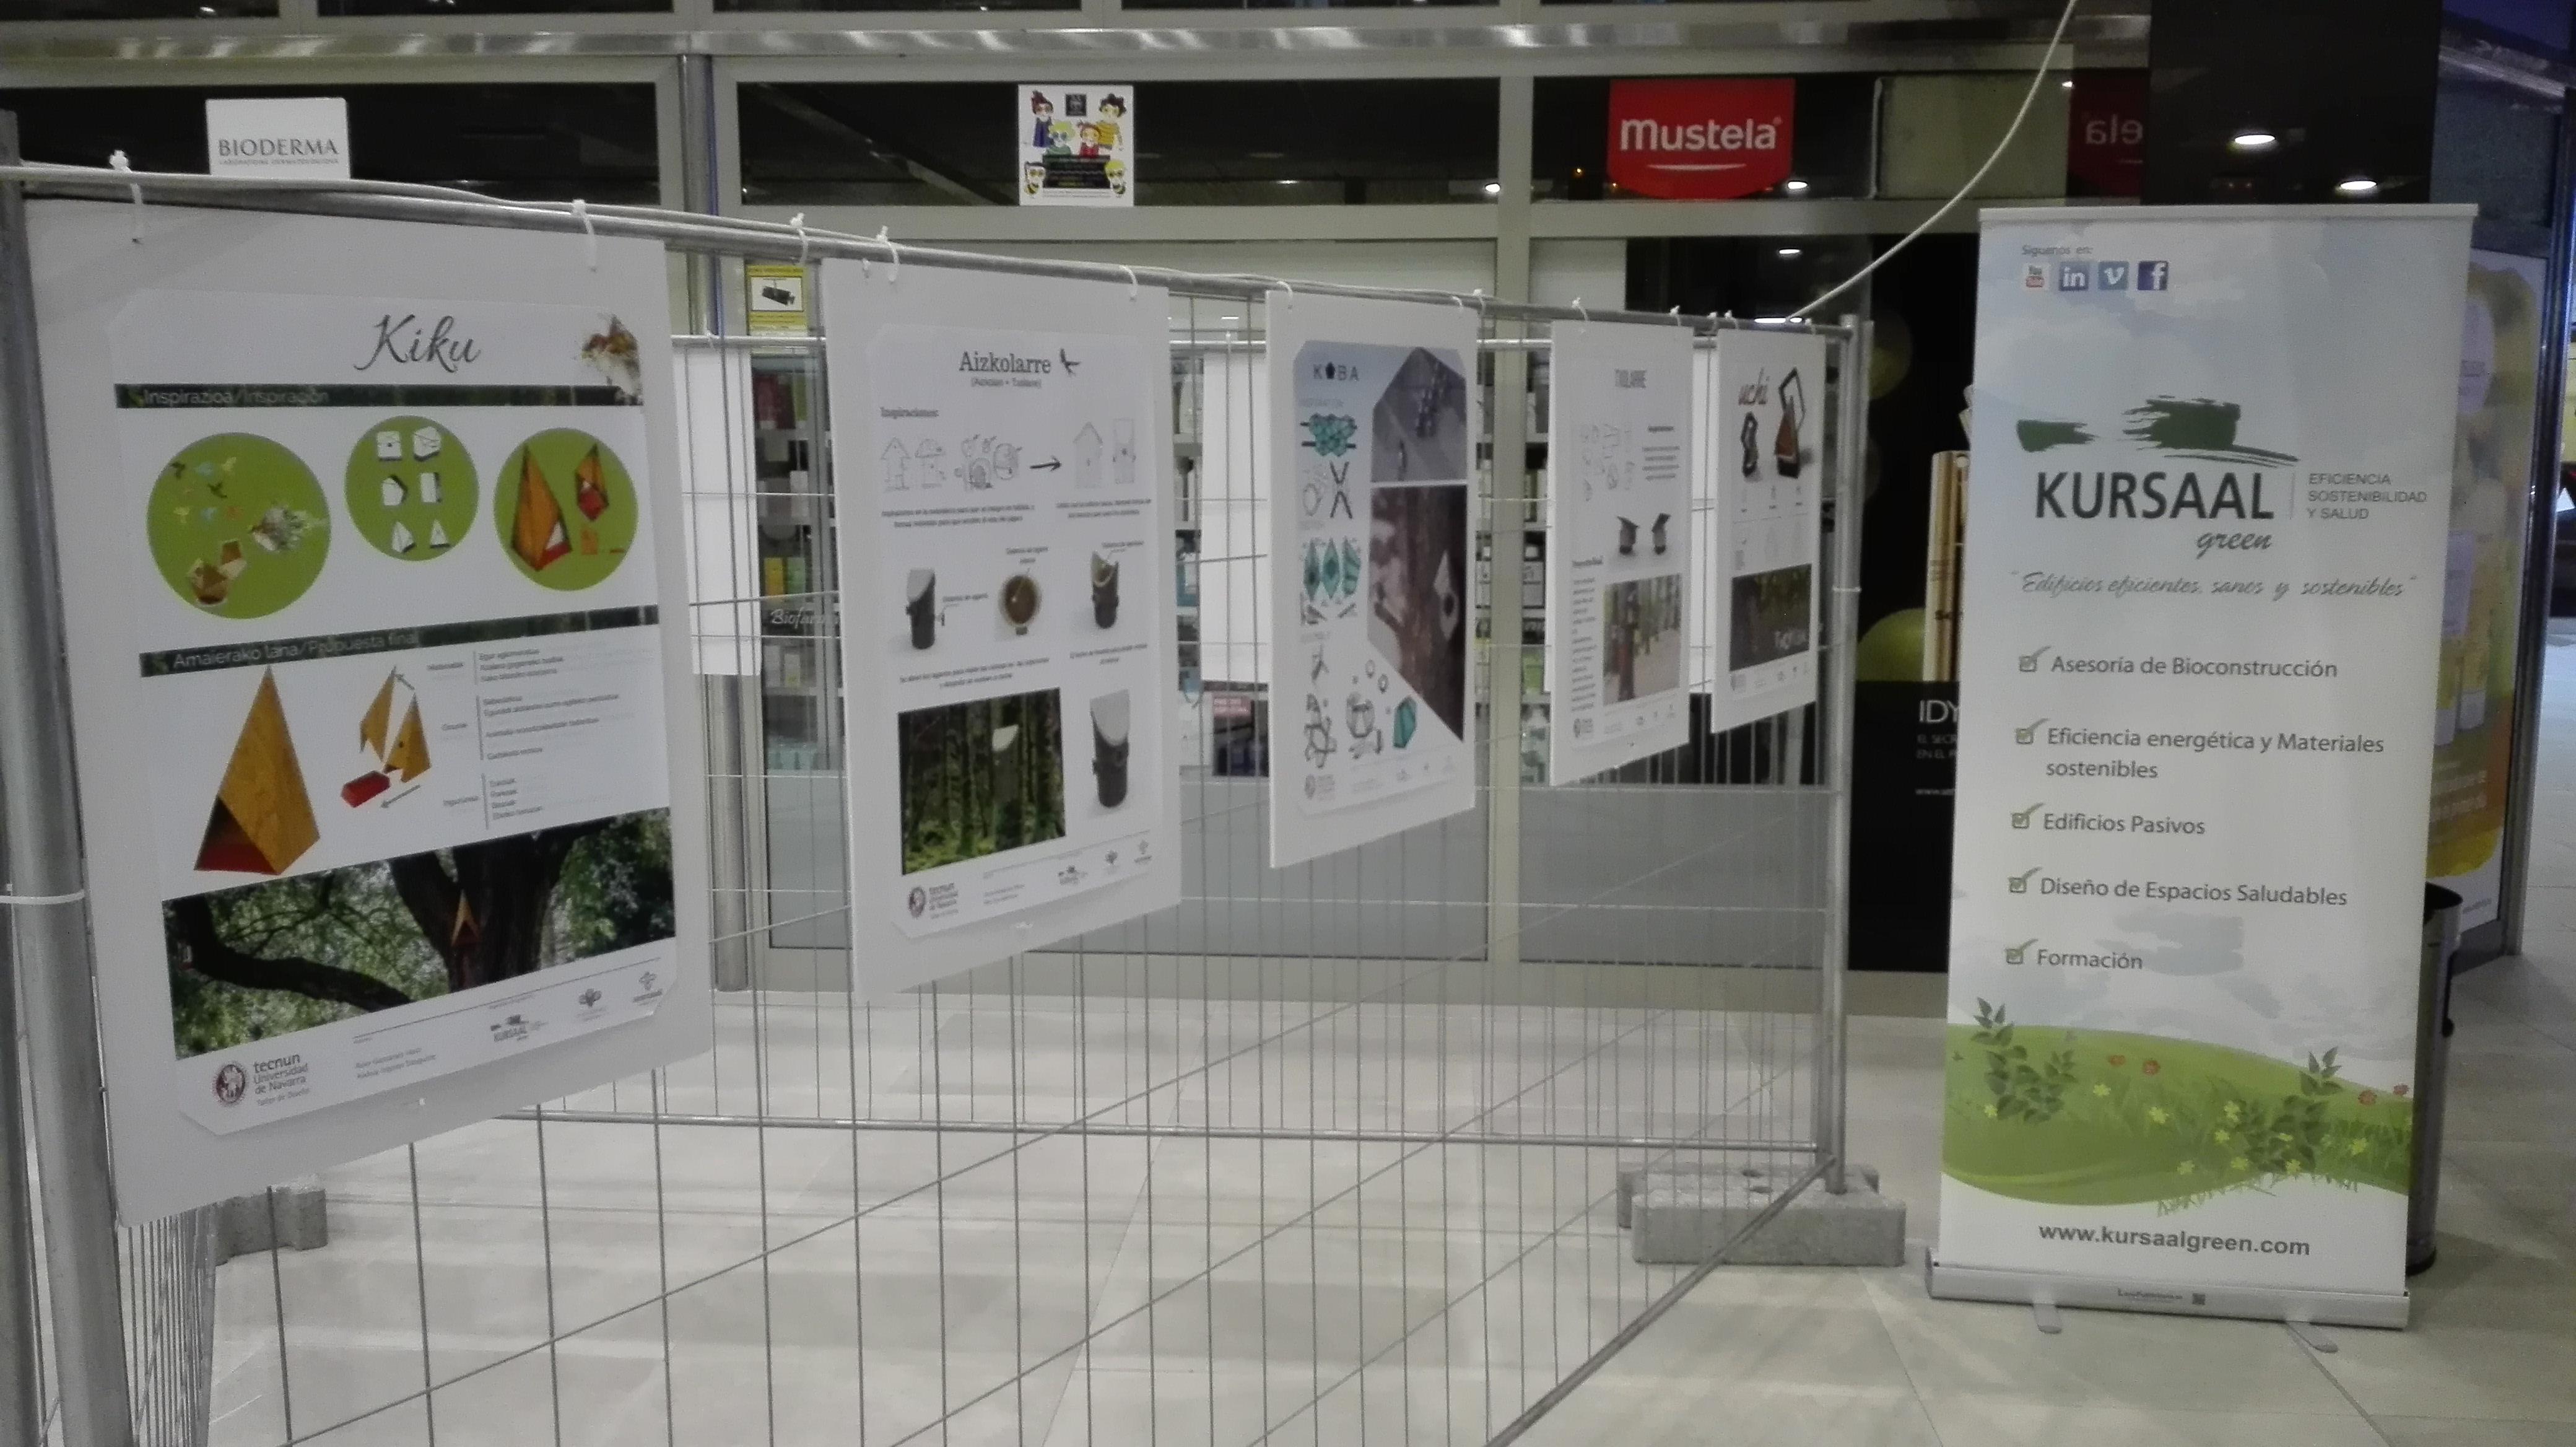 foto noticia: Continuamos con nuestra Campaña de Responsabilidad Social TXORIAK con su exposición en Mendibil (Irún).